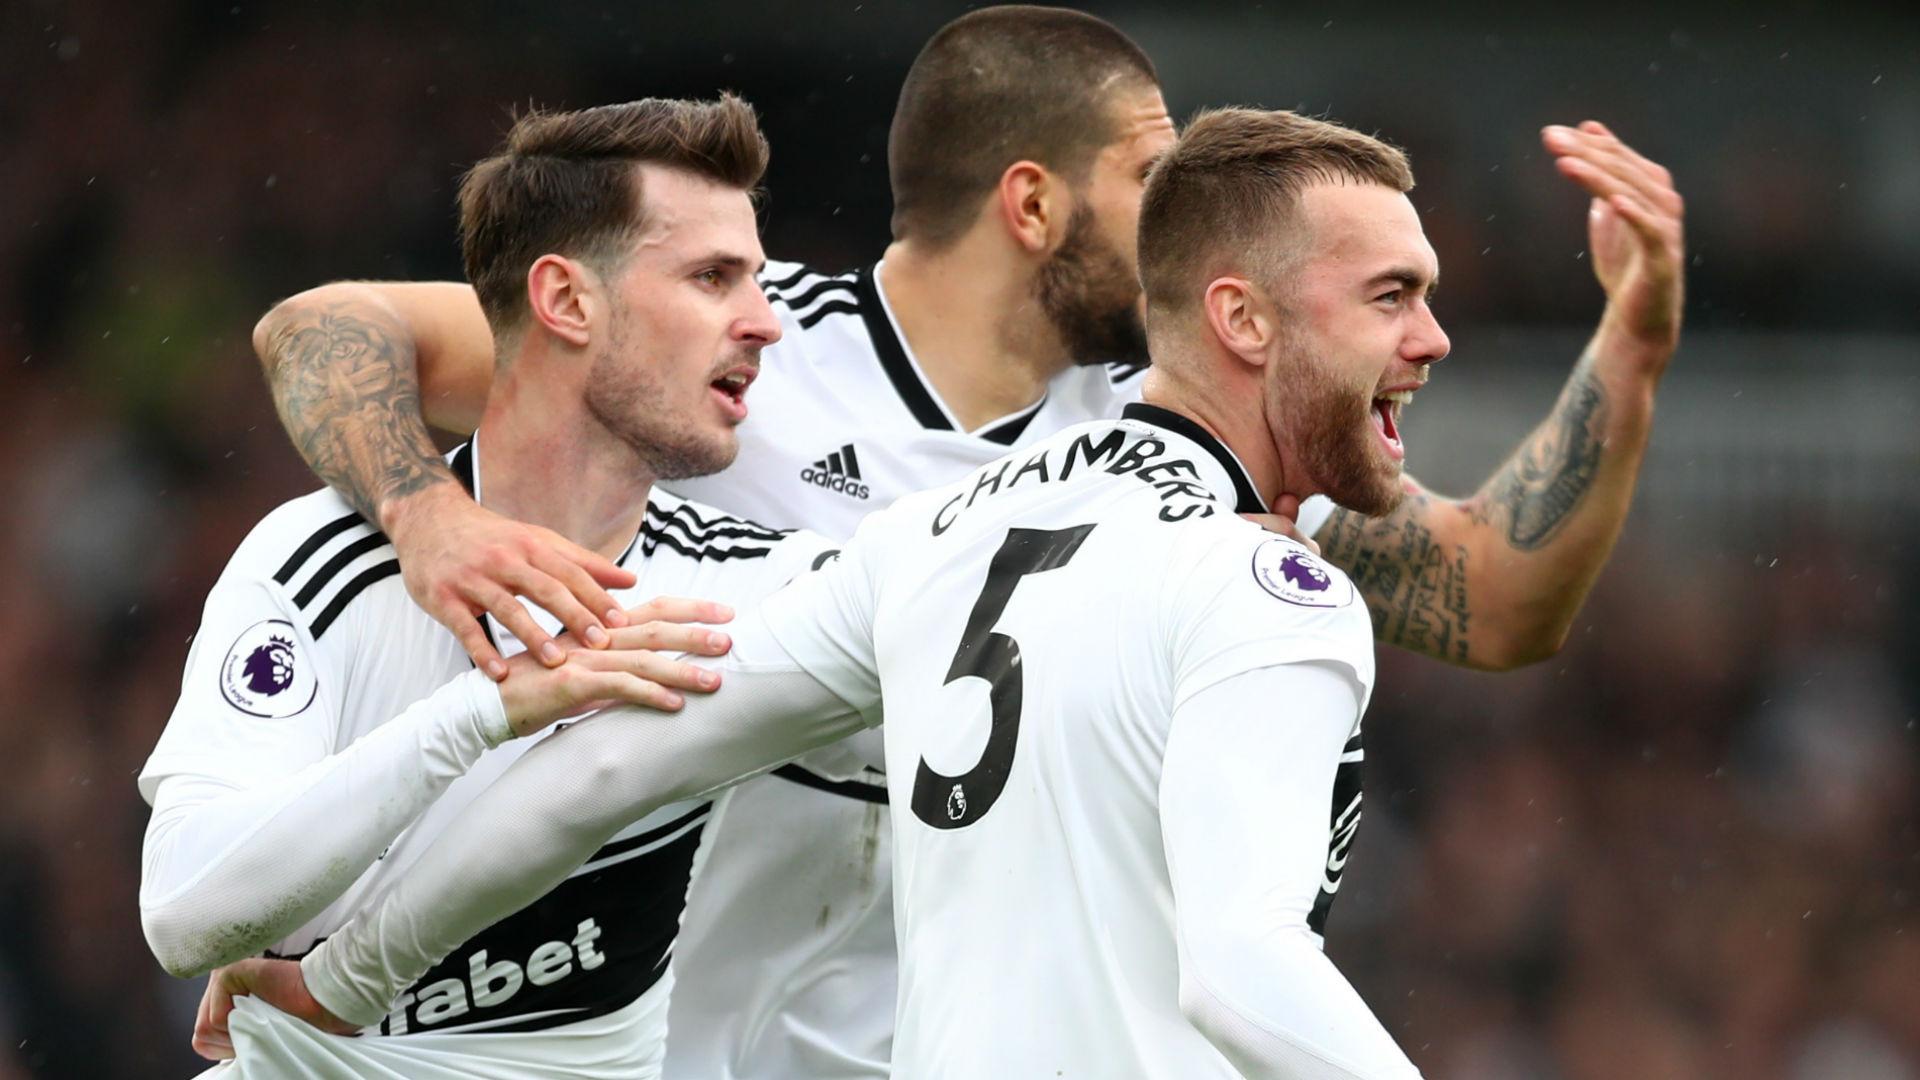 Fulham celebrate vs Chelsea